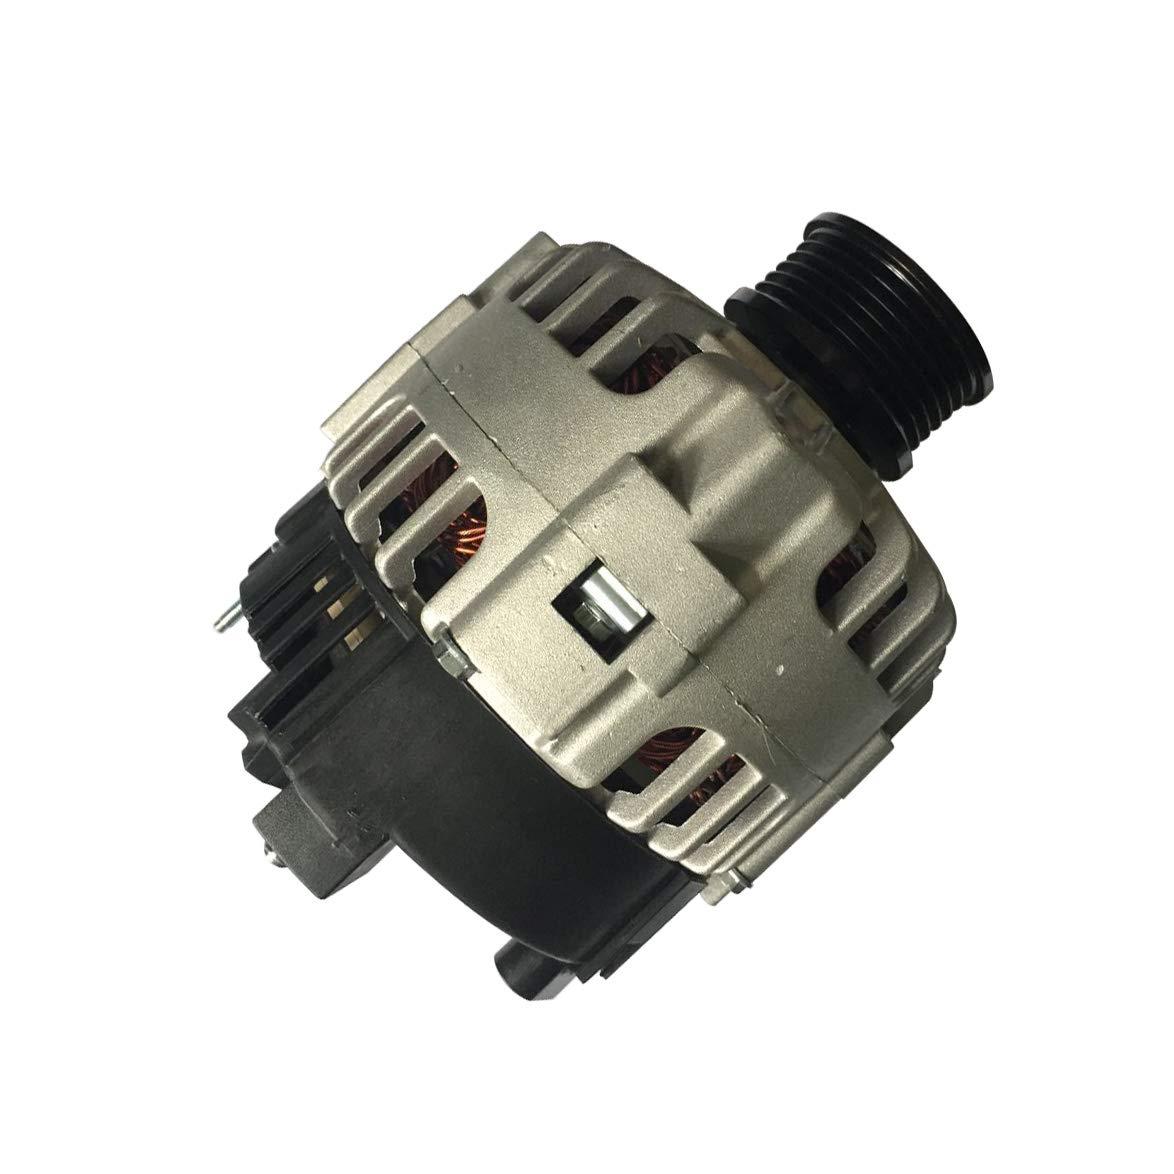 Alternador 12 V 90 Amp para Berlingo C5 206 CC SW LRA01930 0986049410 A5TA6391A: Amazon.es: Coche y moto